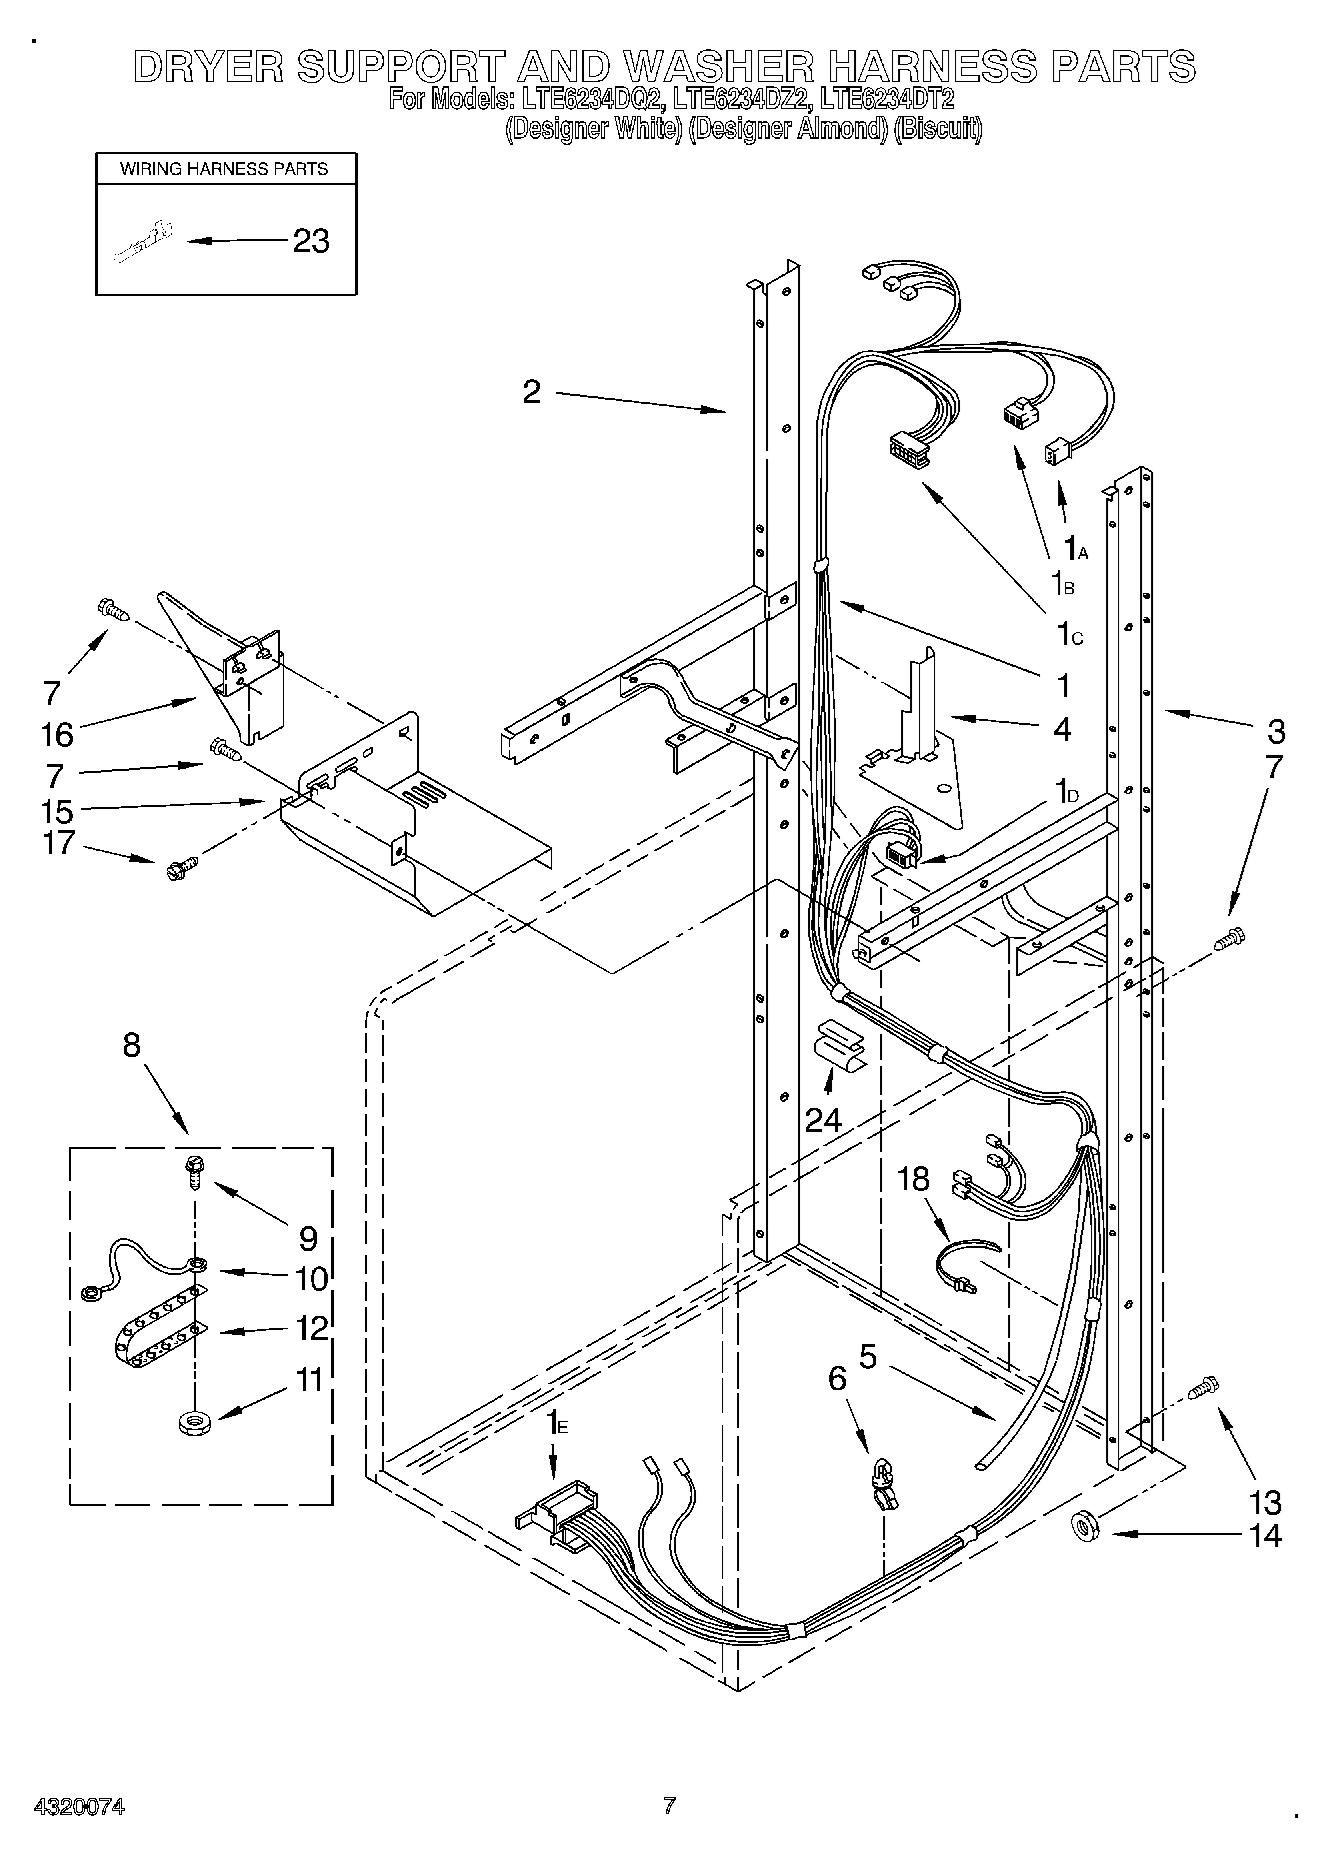 Vin 1a8hw58n48f142237 Wiring Harness : 36 Wiring Diagram